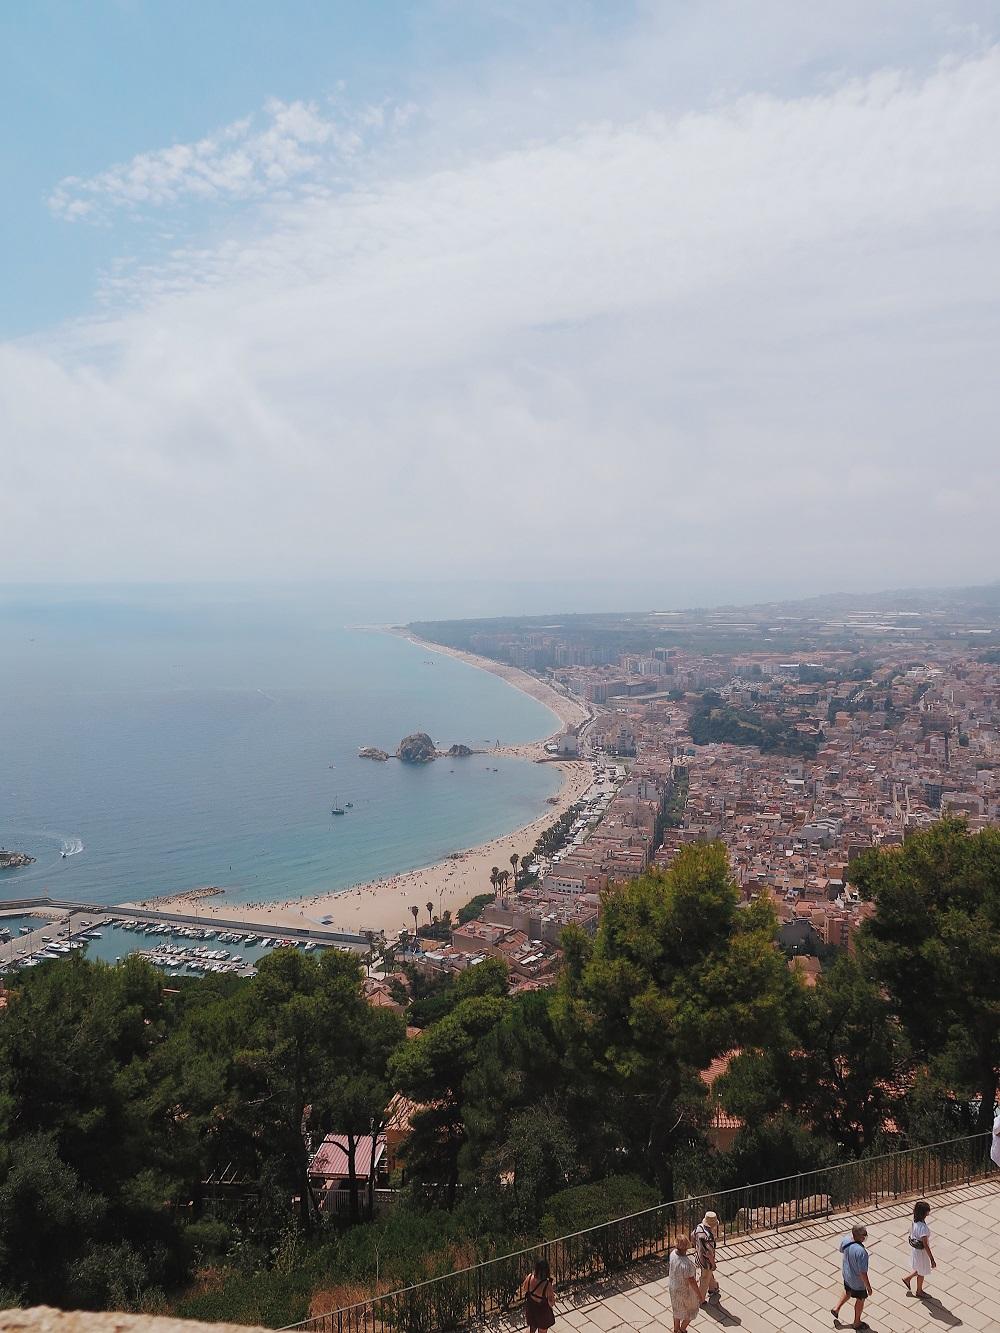 Ostatni miesiąc  Wakacje 2020 - przegląd ulubieńców, wyjazd do Hiszpanii i umilacze